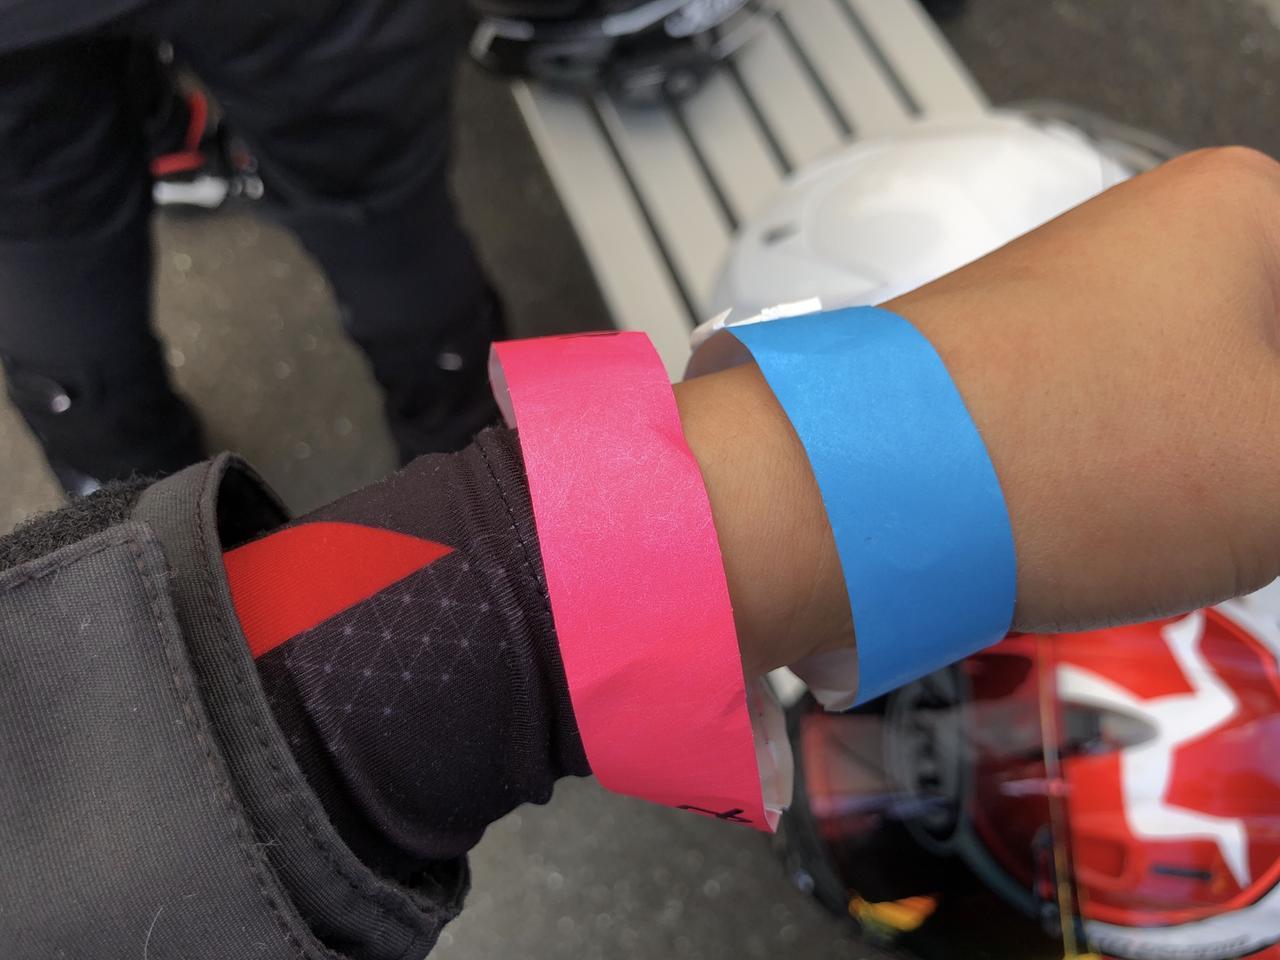 画像: 青色のリストバンドは、大型自動二輪免許所有 桃色のリストバンドは、ライディングスクール午後の部